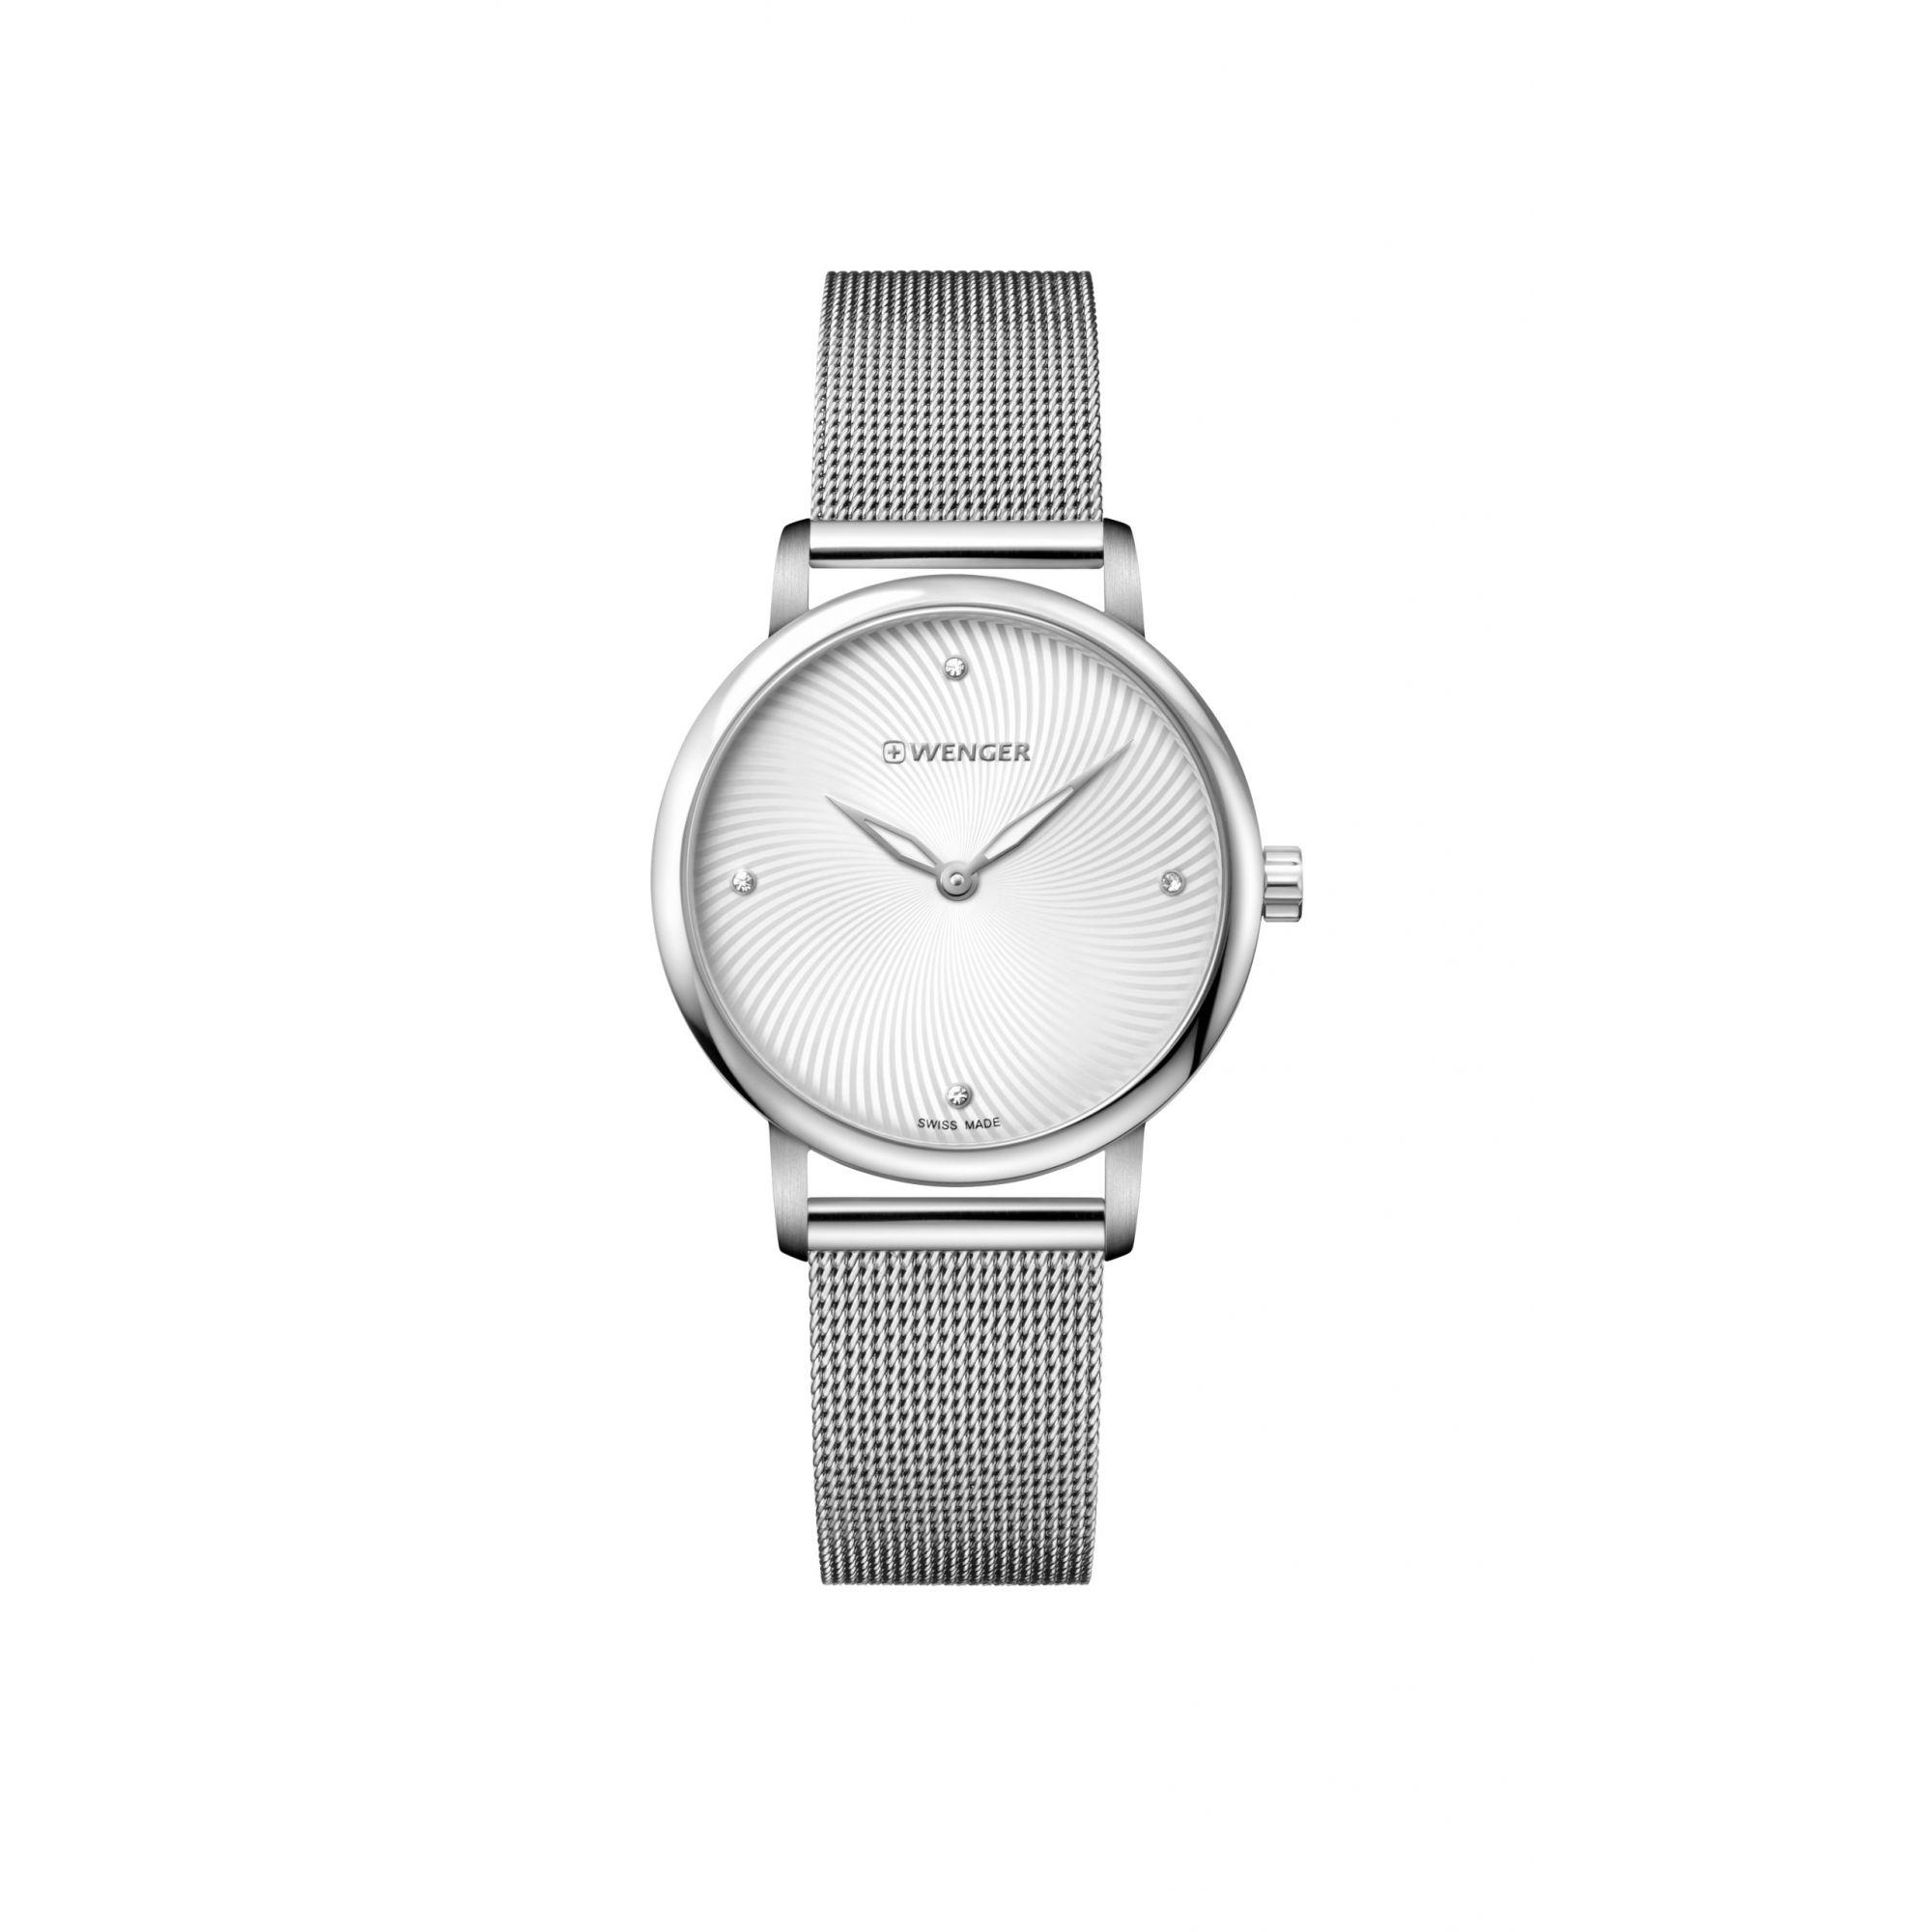 Relógio Wenger Urban Donnissima Cinza - WENURDON107